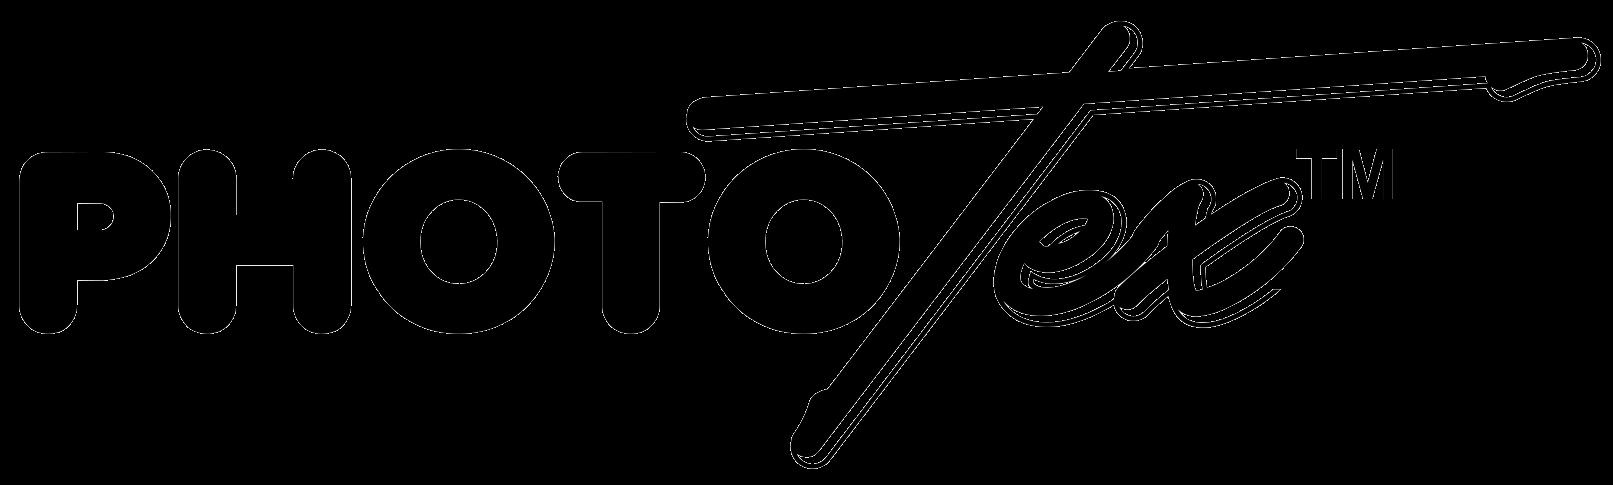 New PT Logo